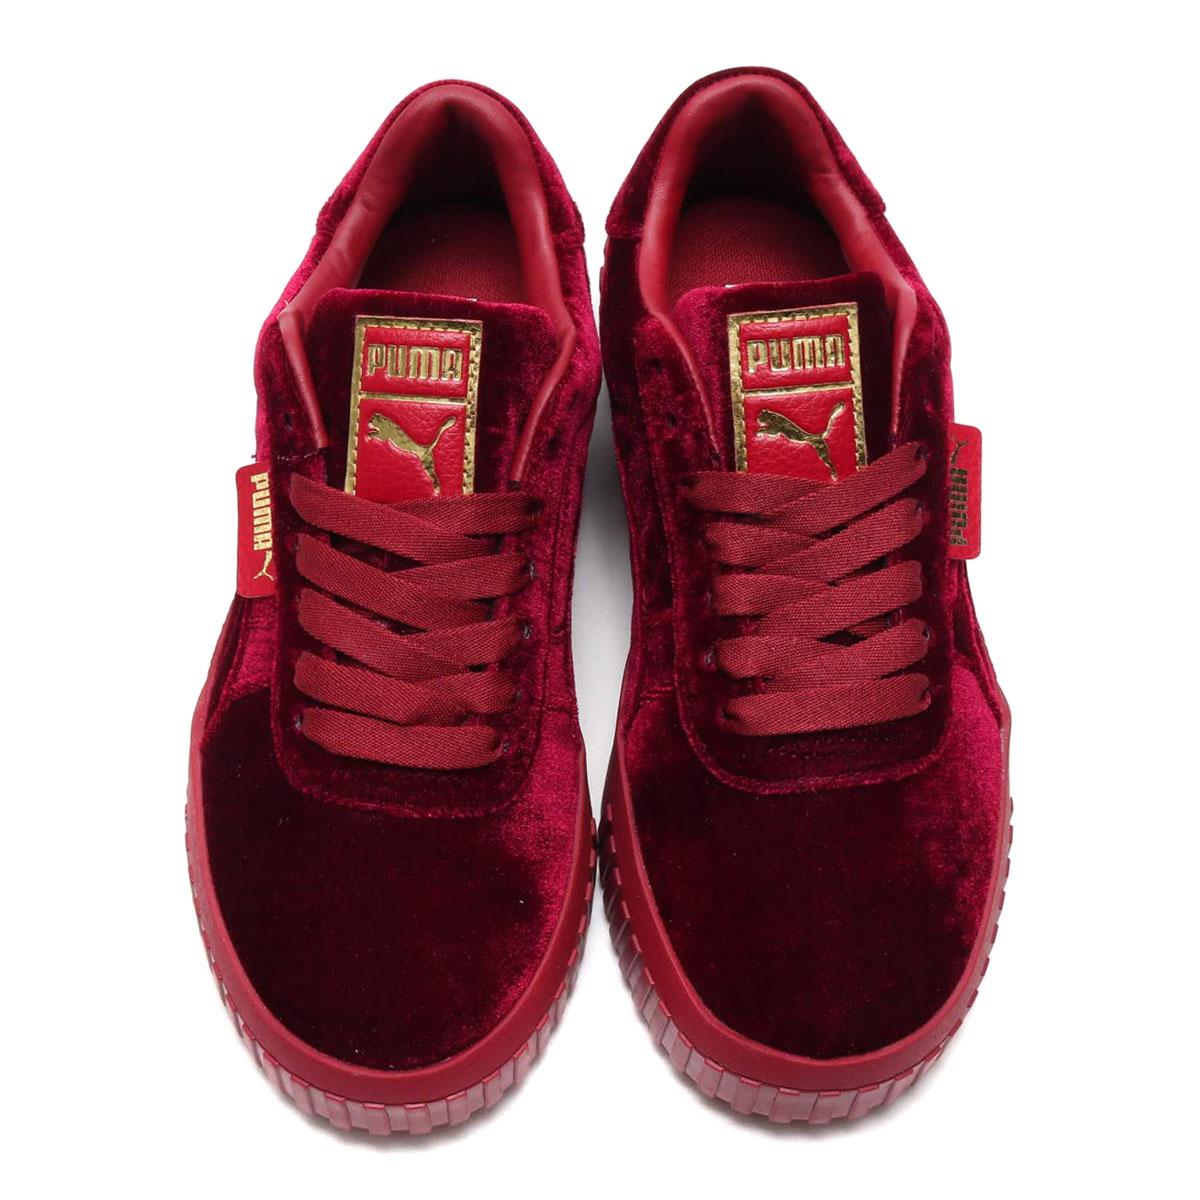 puma cali velvet women's sneakers - 65